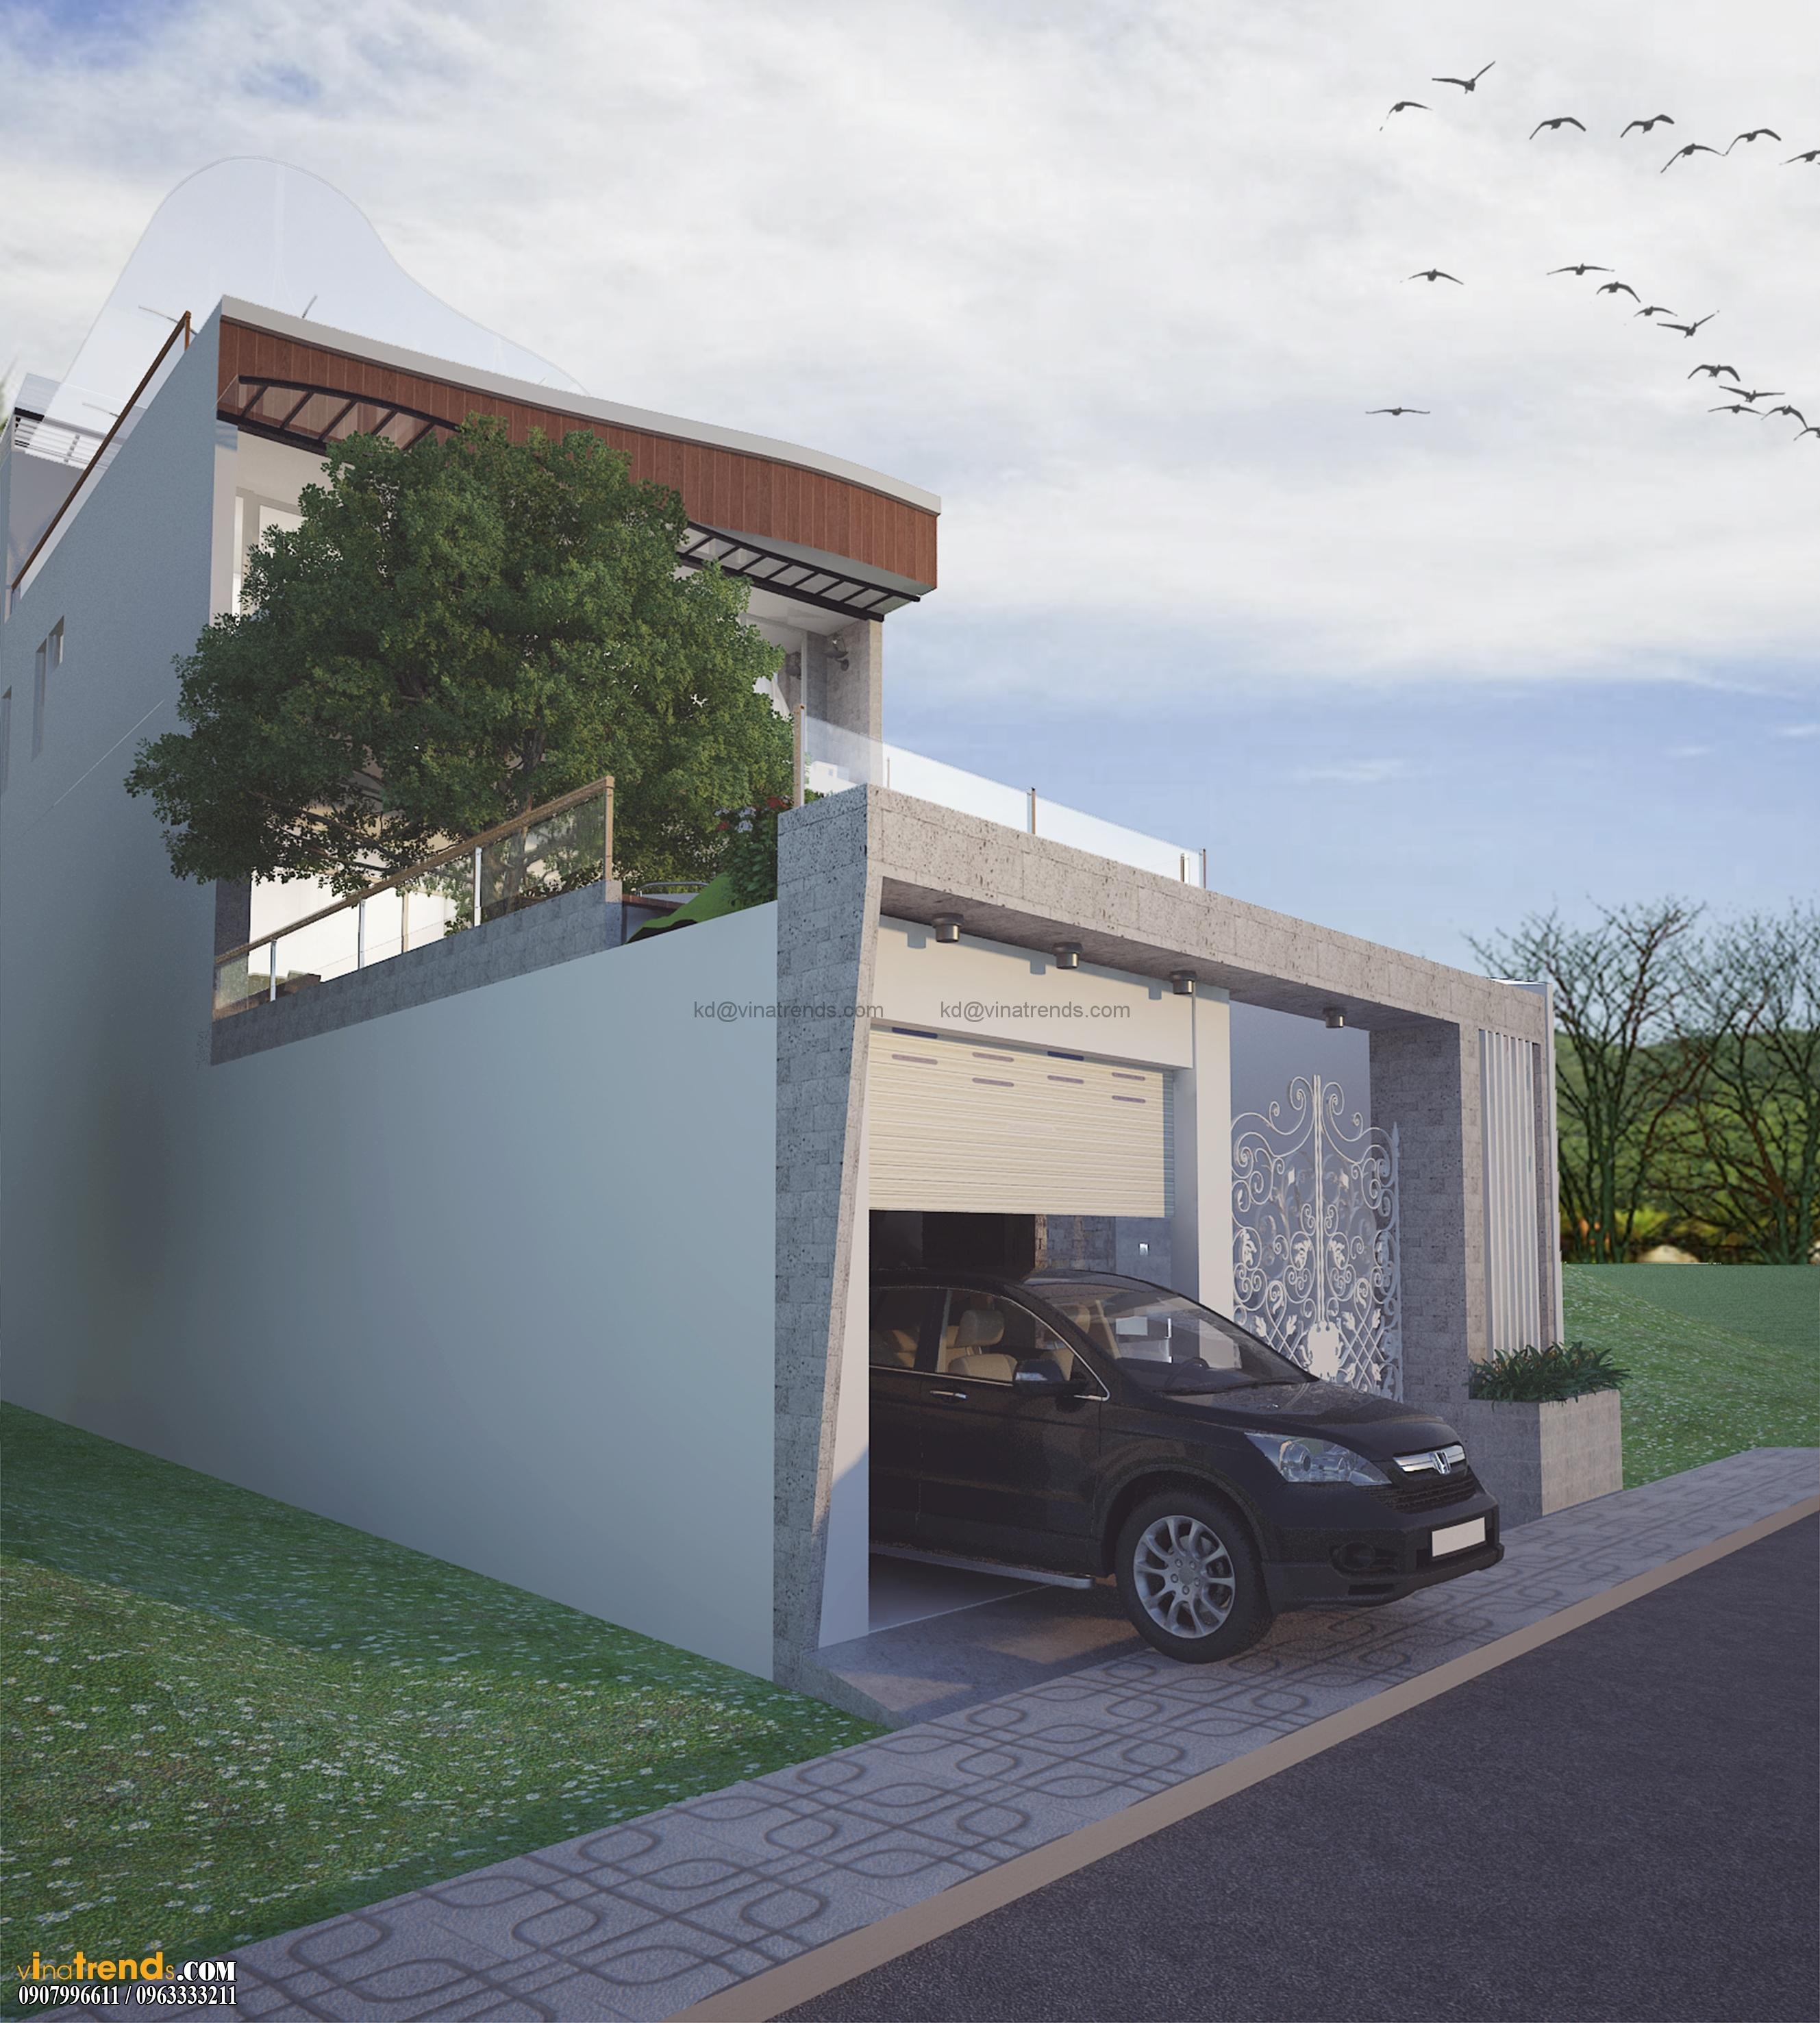 biet thu pho 2 tang 135m2 6 Mẫu thiết kế biệt thự 3 tầng hiện đại 8x17m đẹp không gian lý tưởng cho gia đình bạn   BT180715A